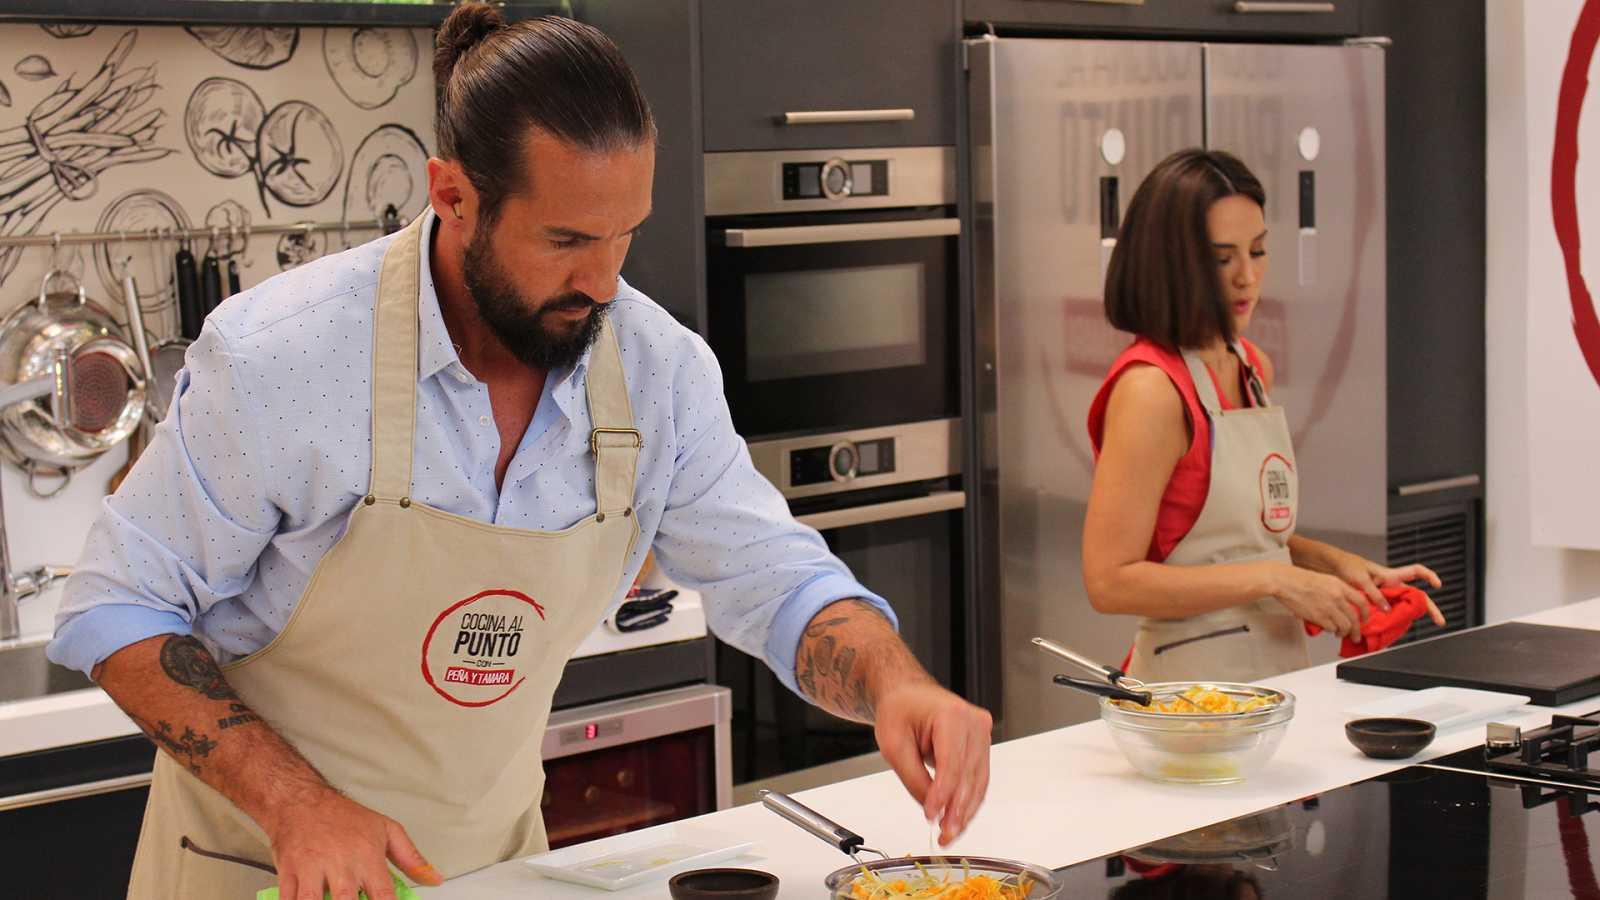 Cocina al punto con Peña y Tamara - Higos chumbos - ver ahora